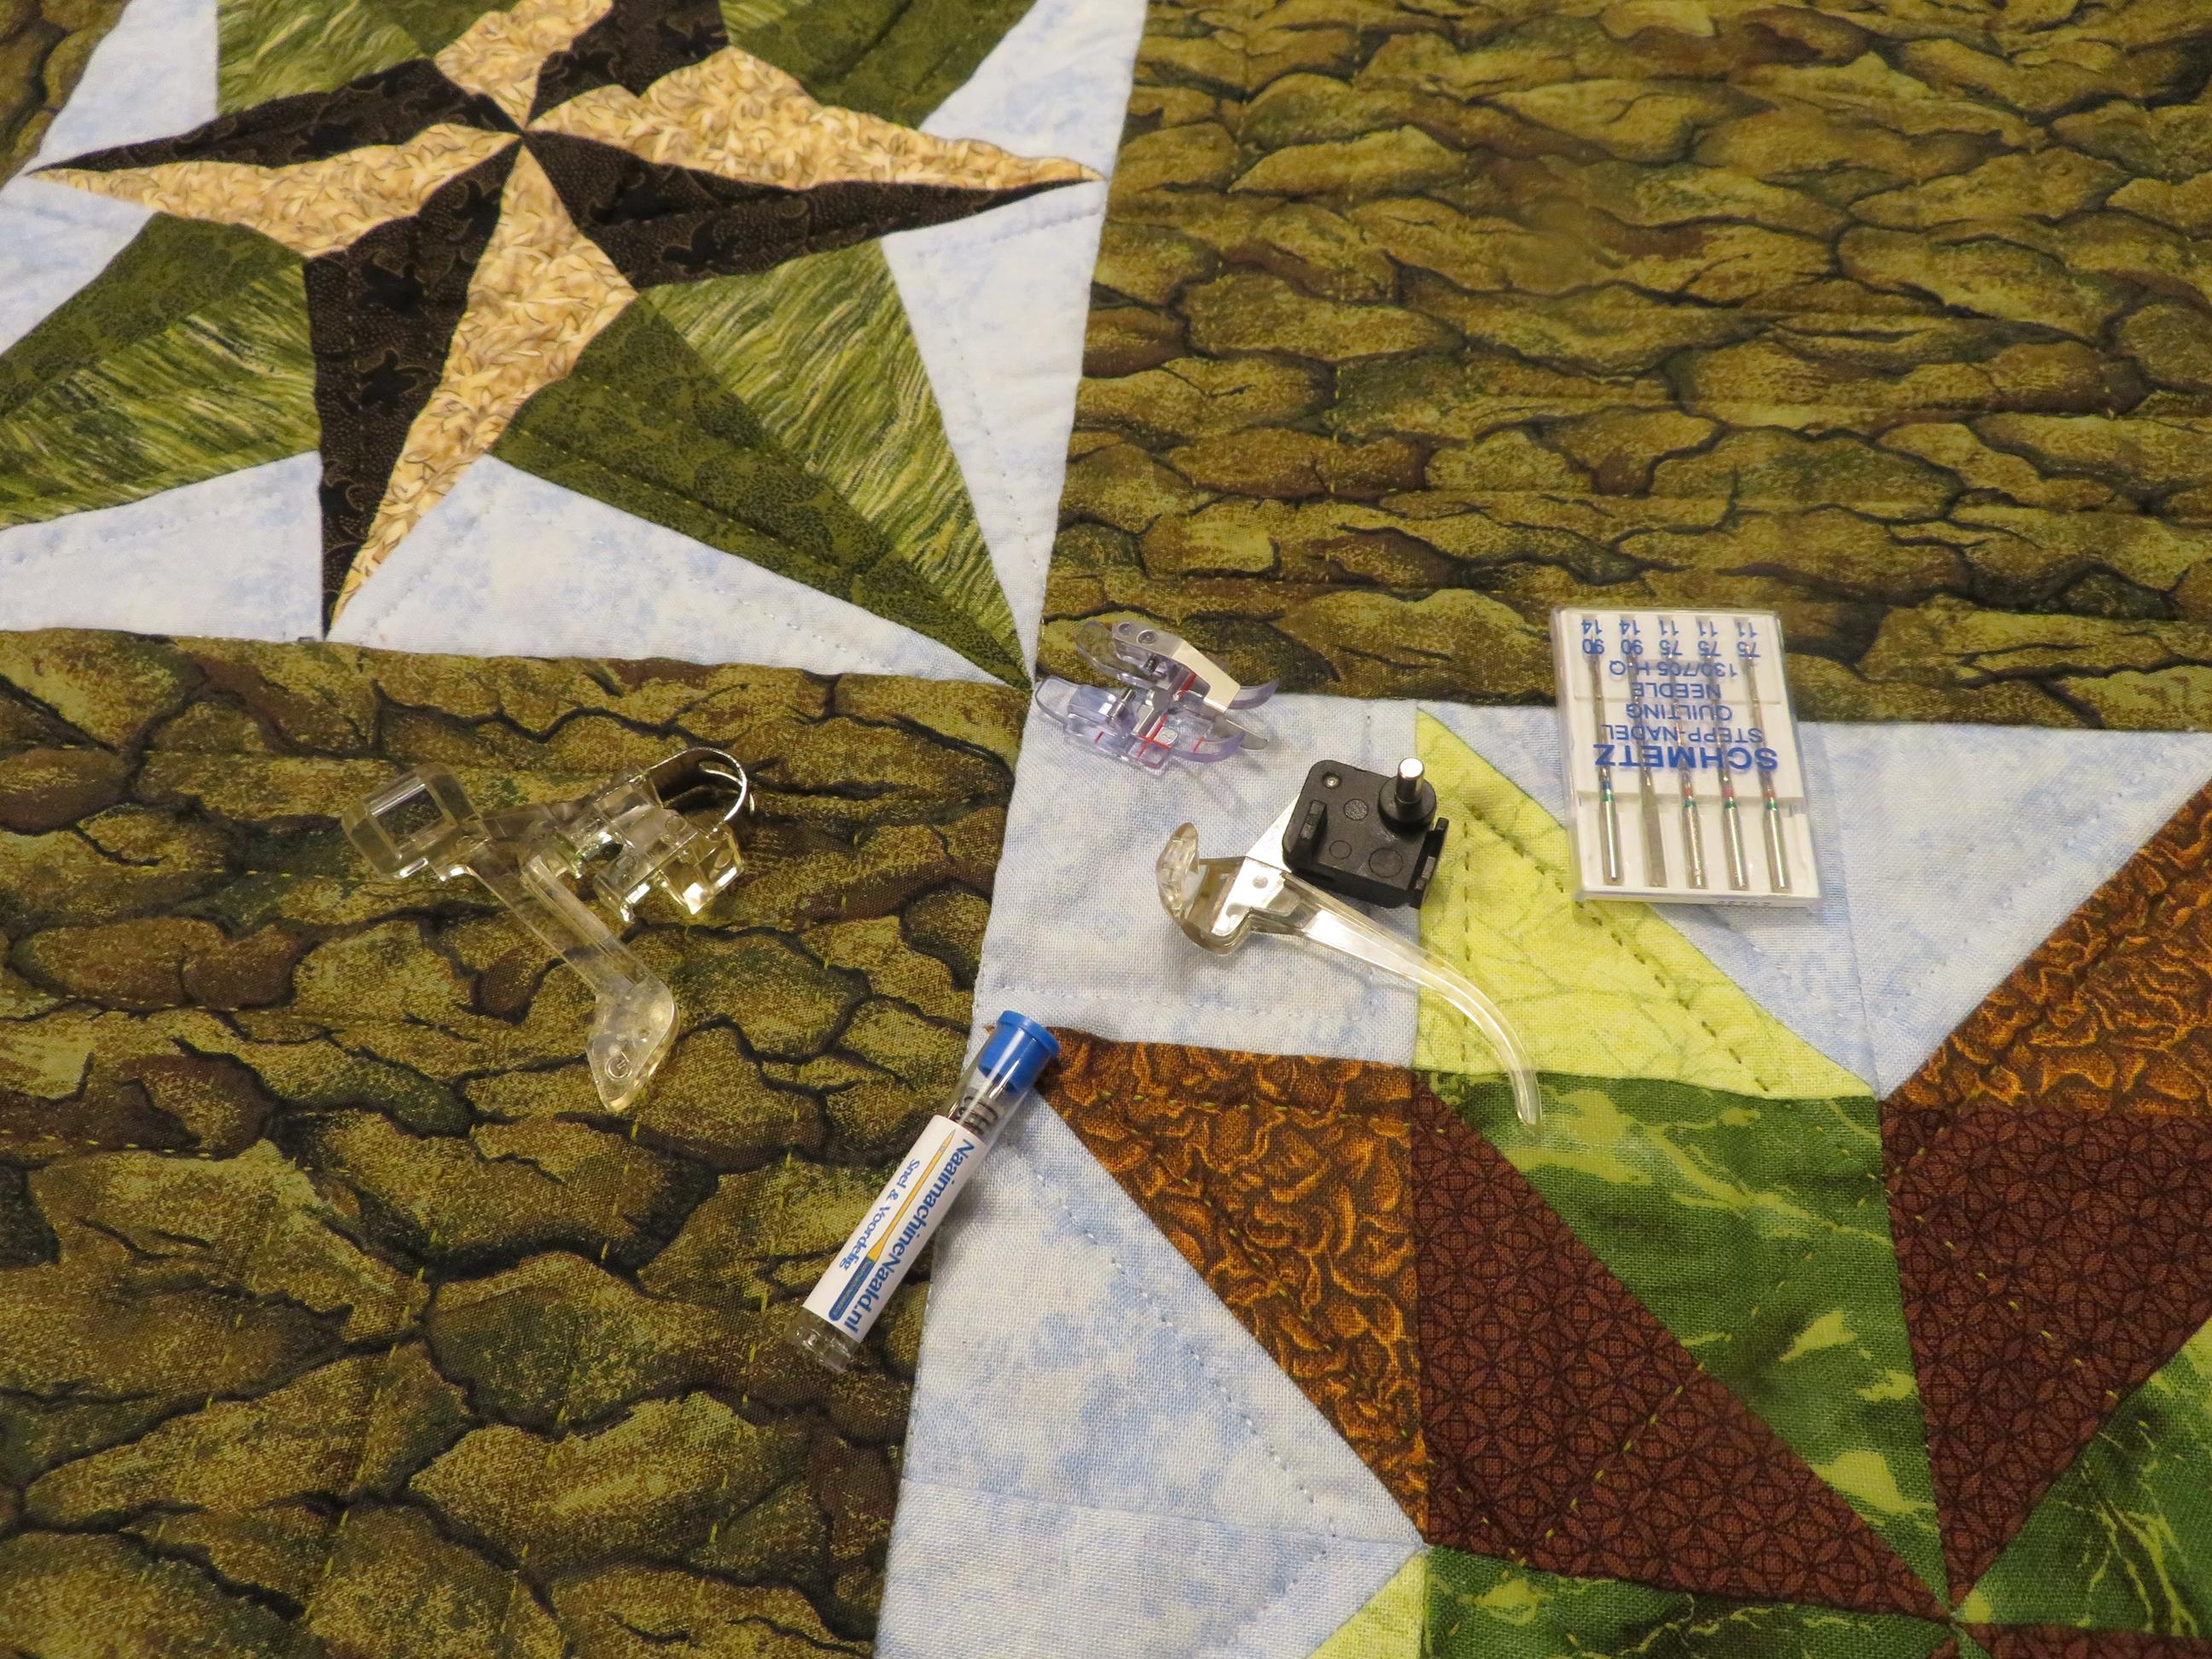 Afwerken Van Een Quilt.Sandwichen In Amsterdam Laura S Quilt Atelier